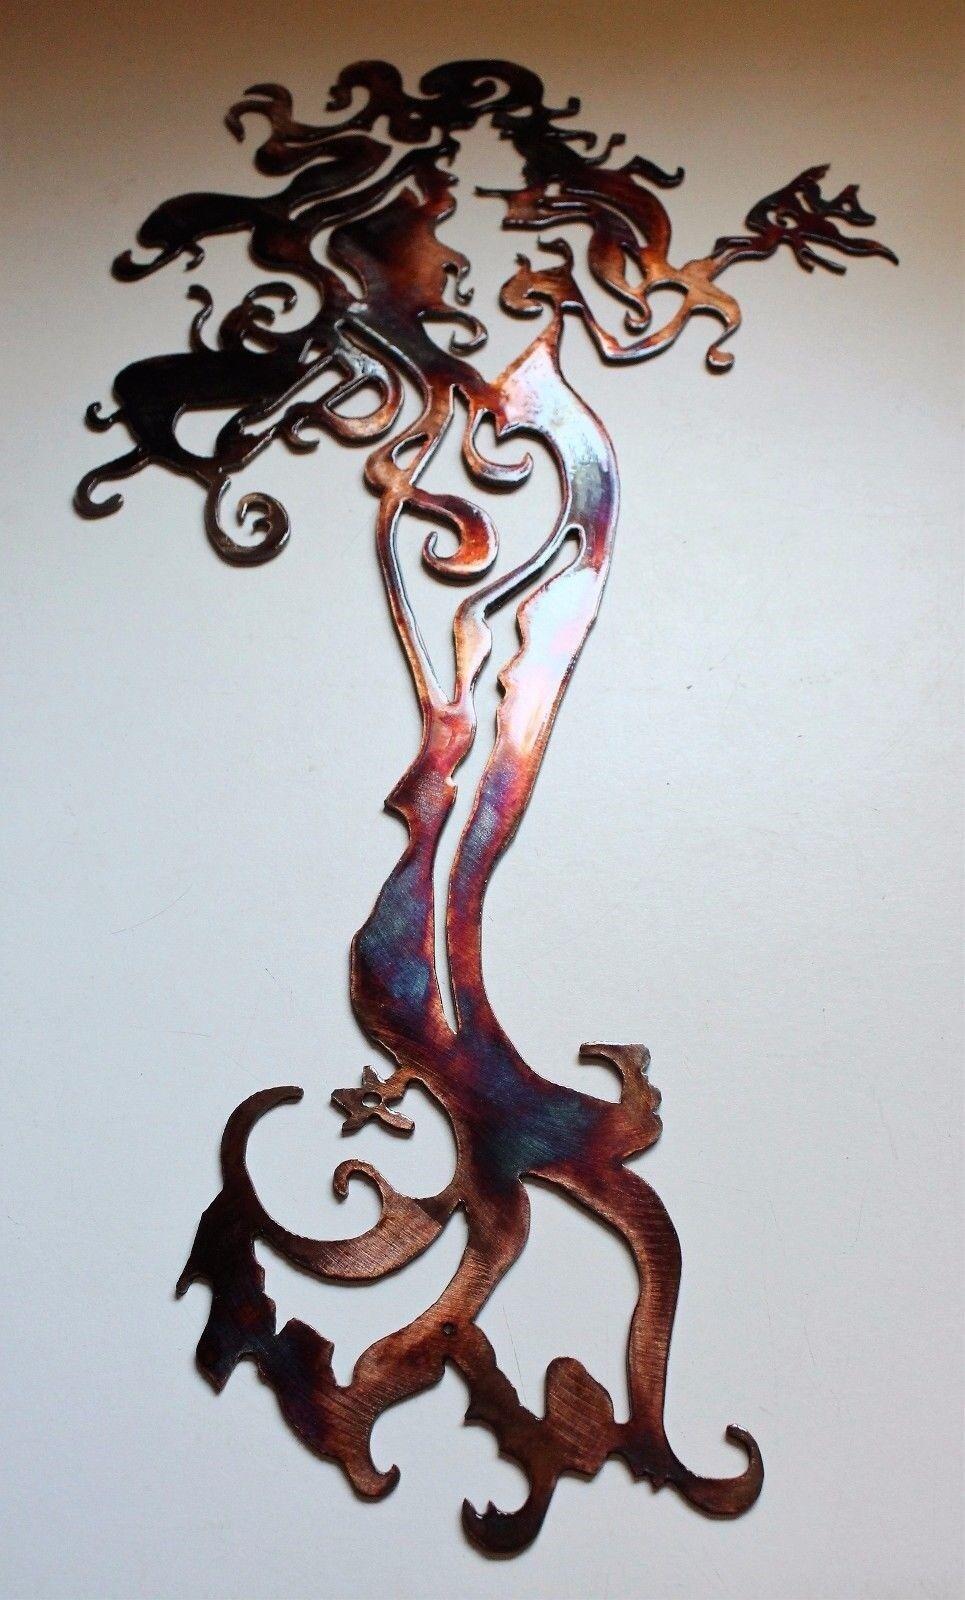 Meerjungfrau Stehend Hoch Metall Wandkunst Kupfer Bronze 30   Hoch | Feinen Qualität